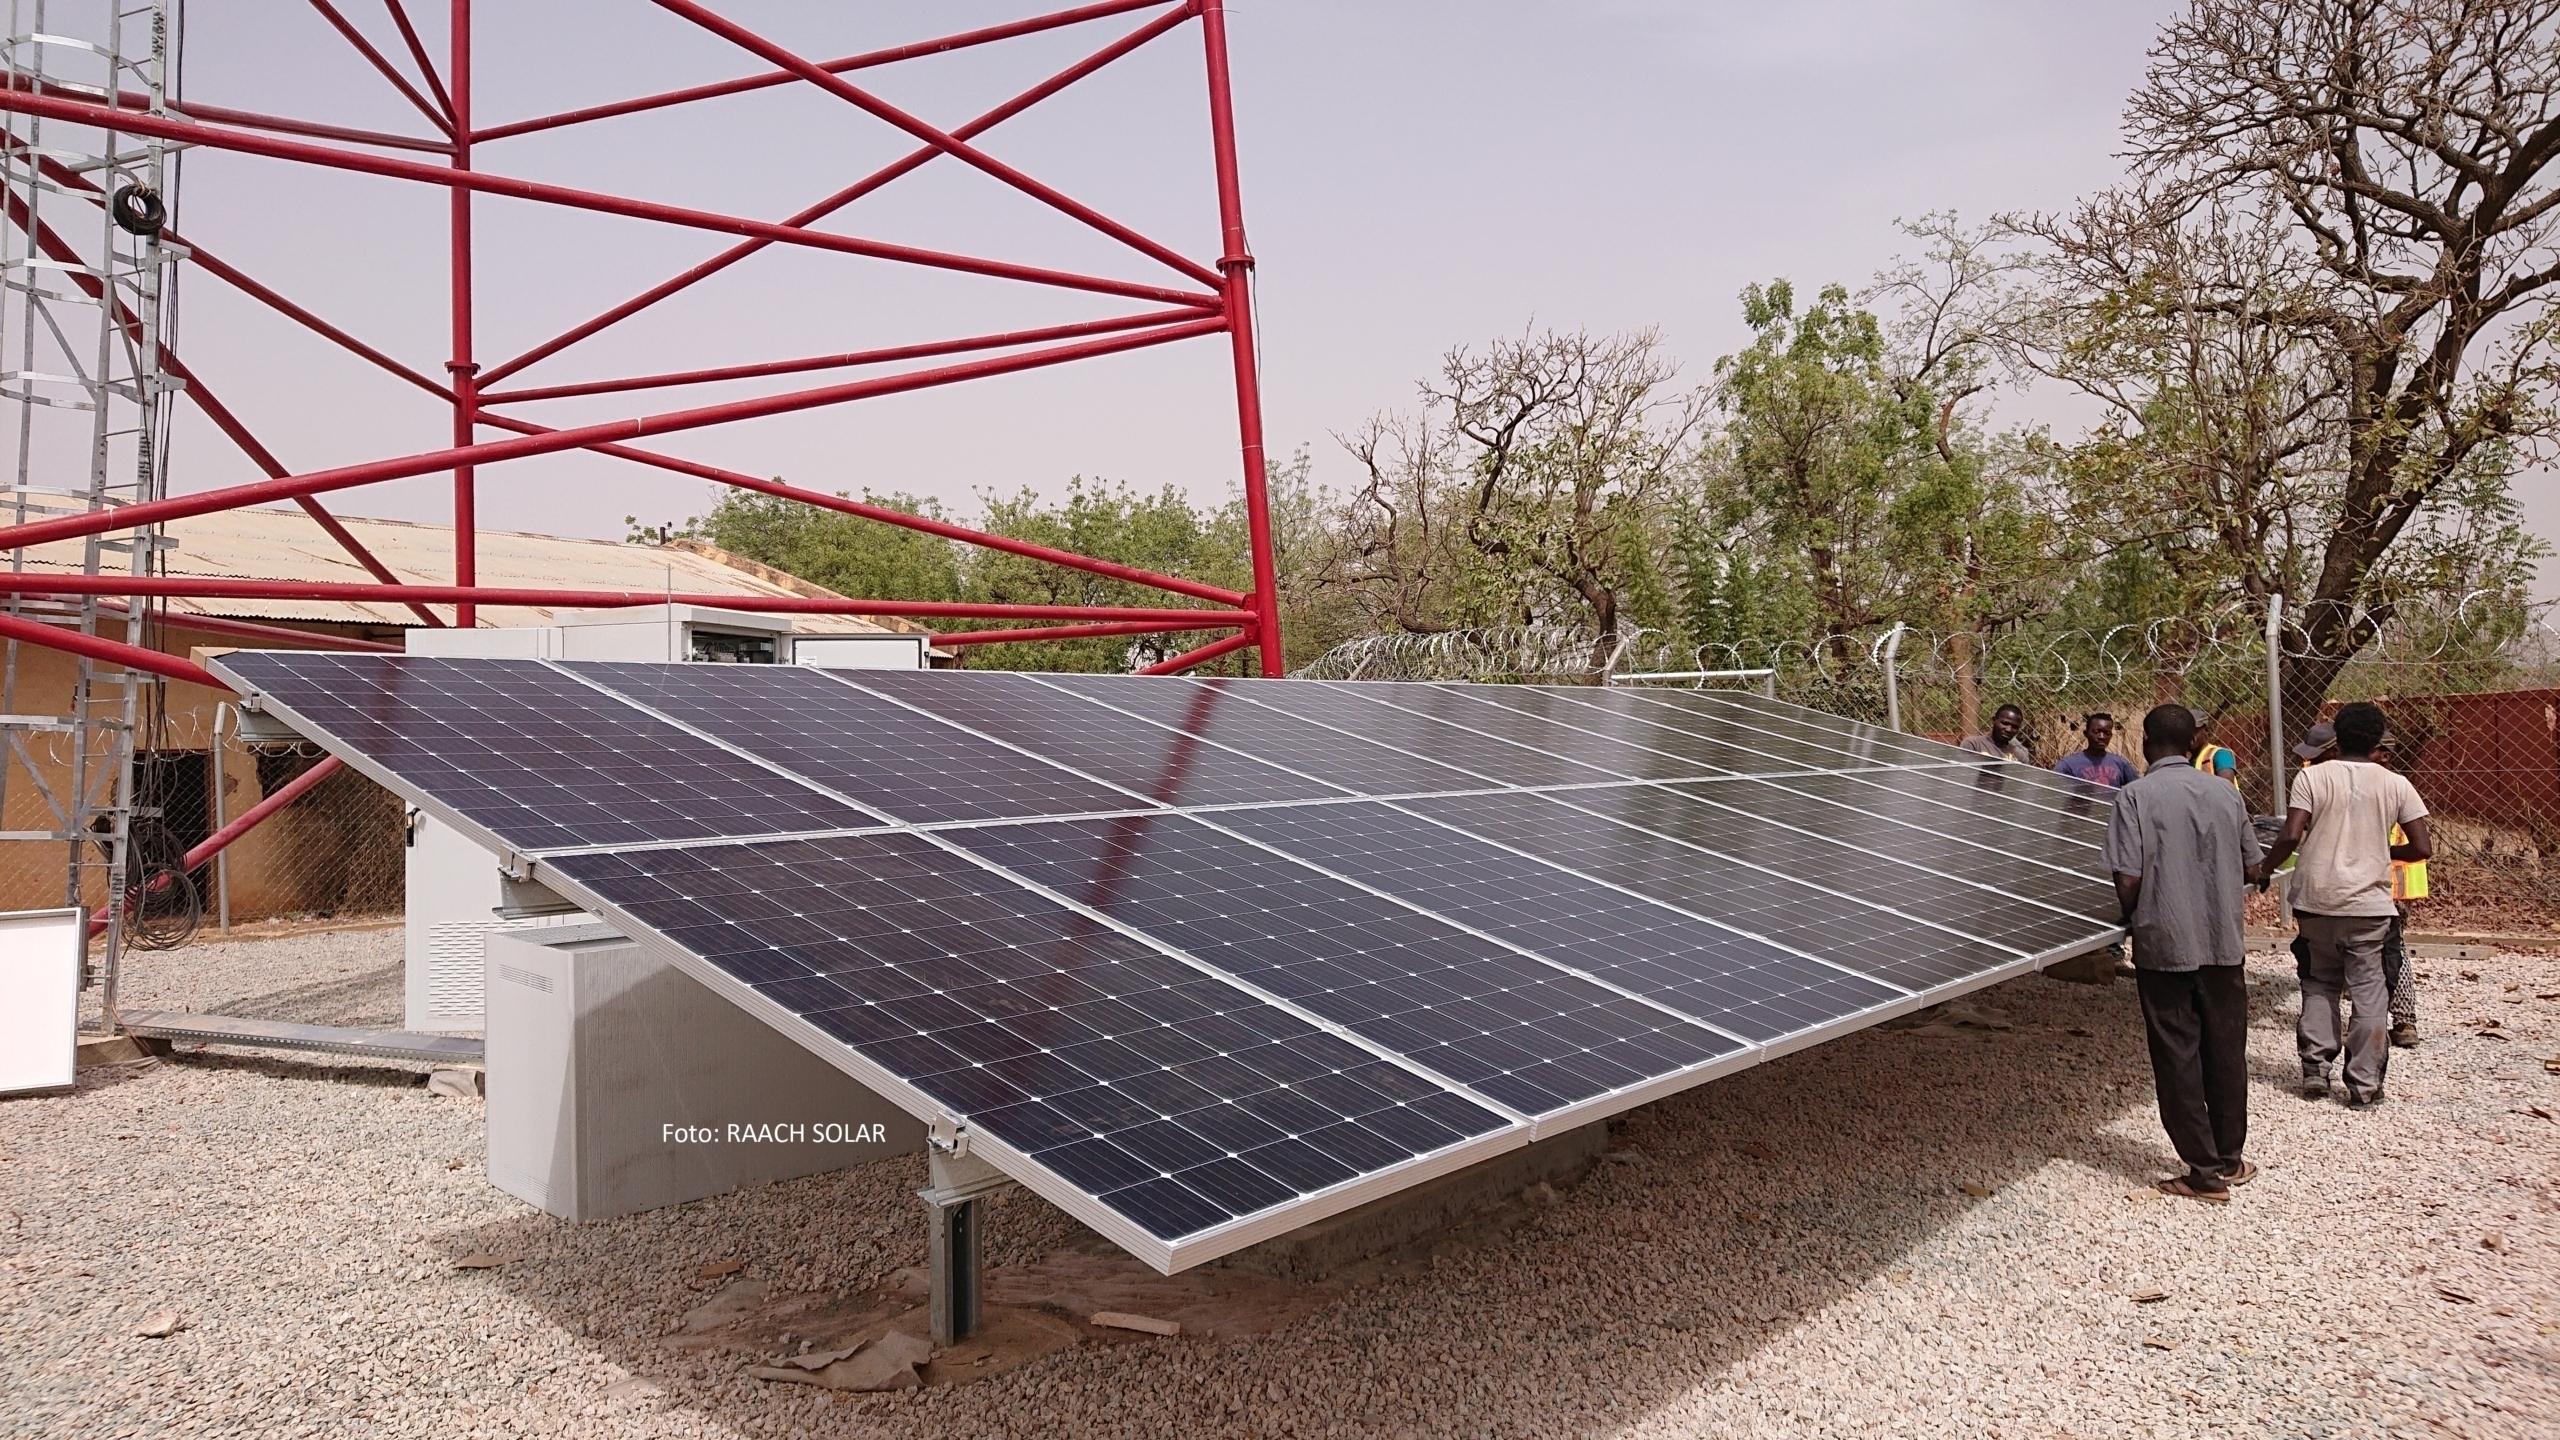 Foto: RAACH SOLAR; SL Rack Freiflächensystem - 2V | Standort: Burkina Faso, Afrika | Leistung: 223,2 kWp